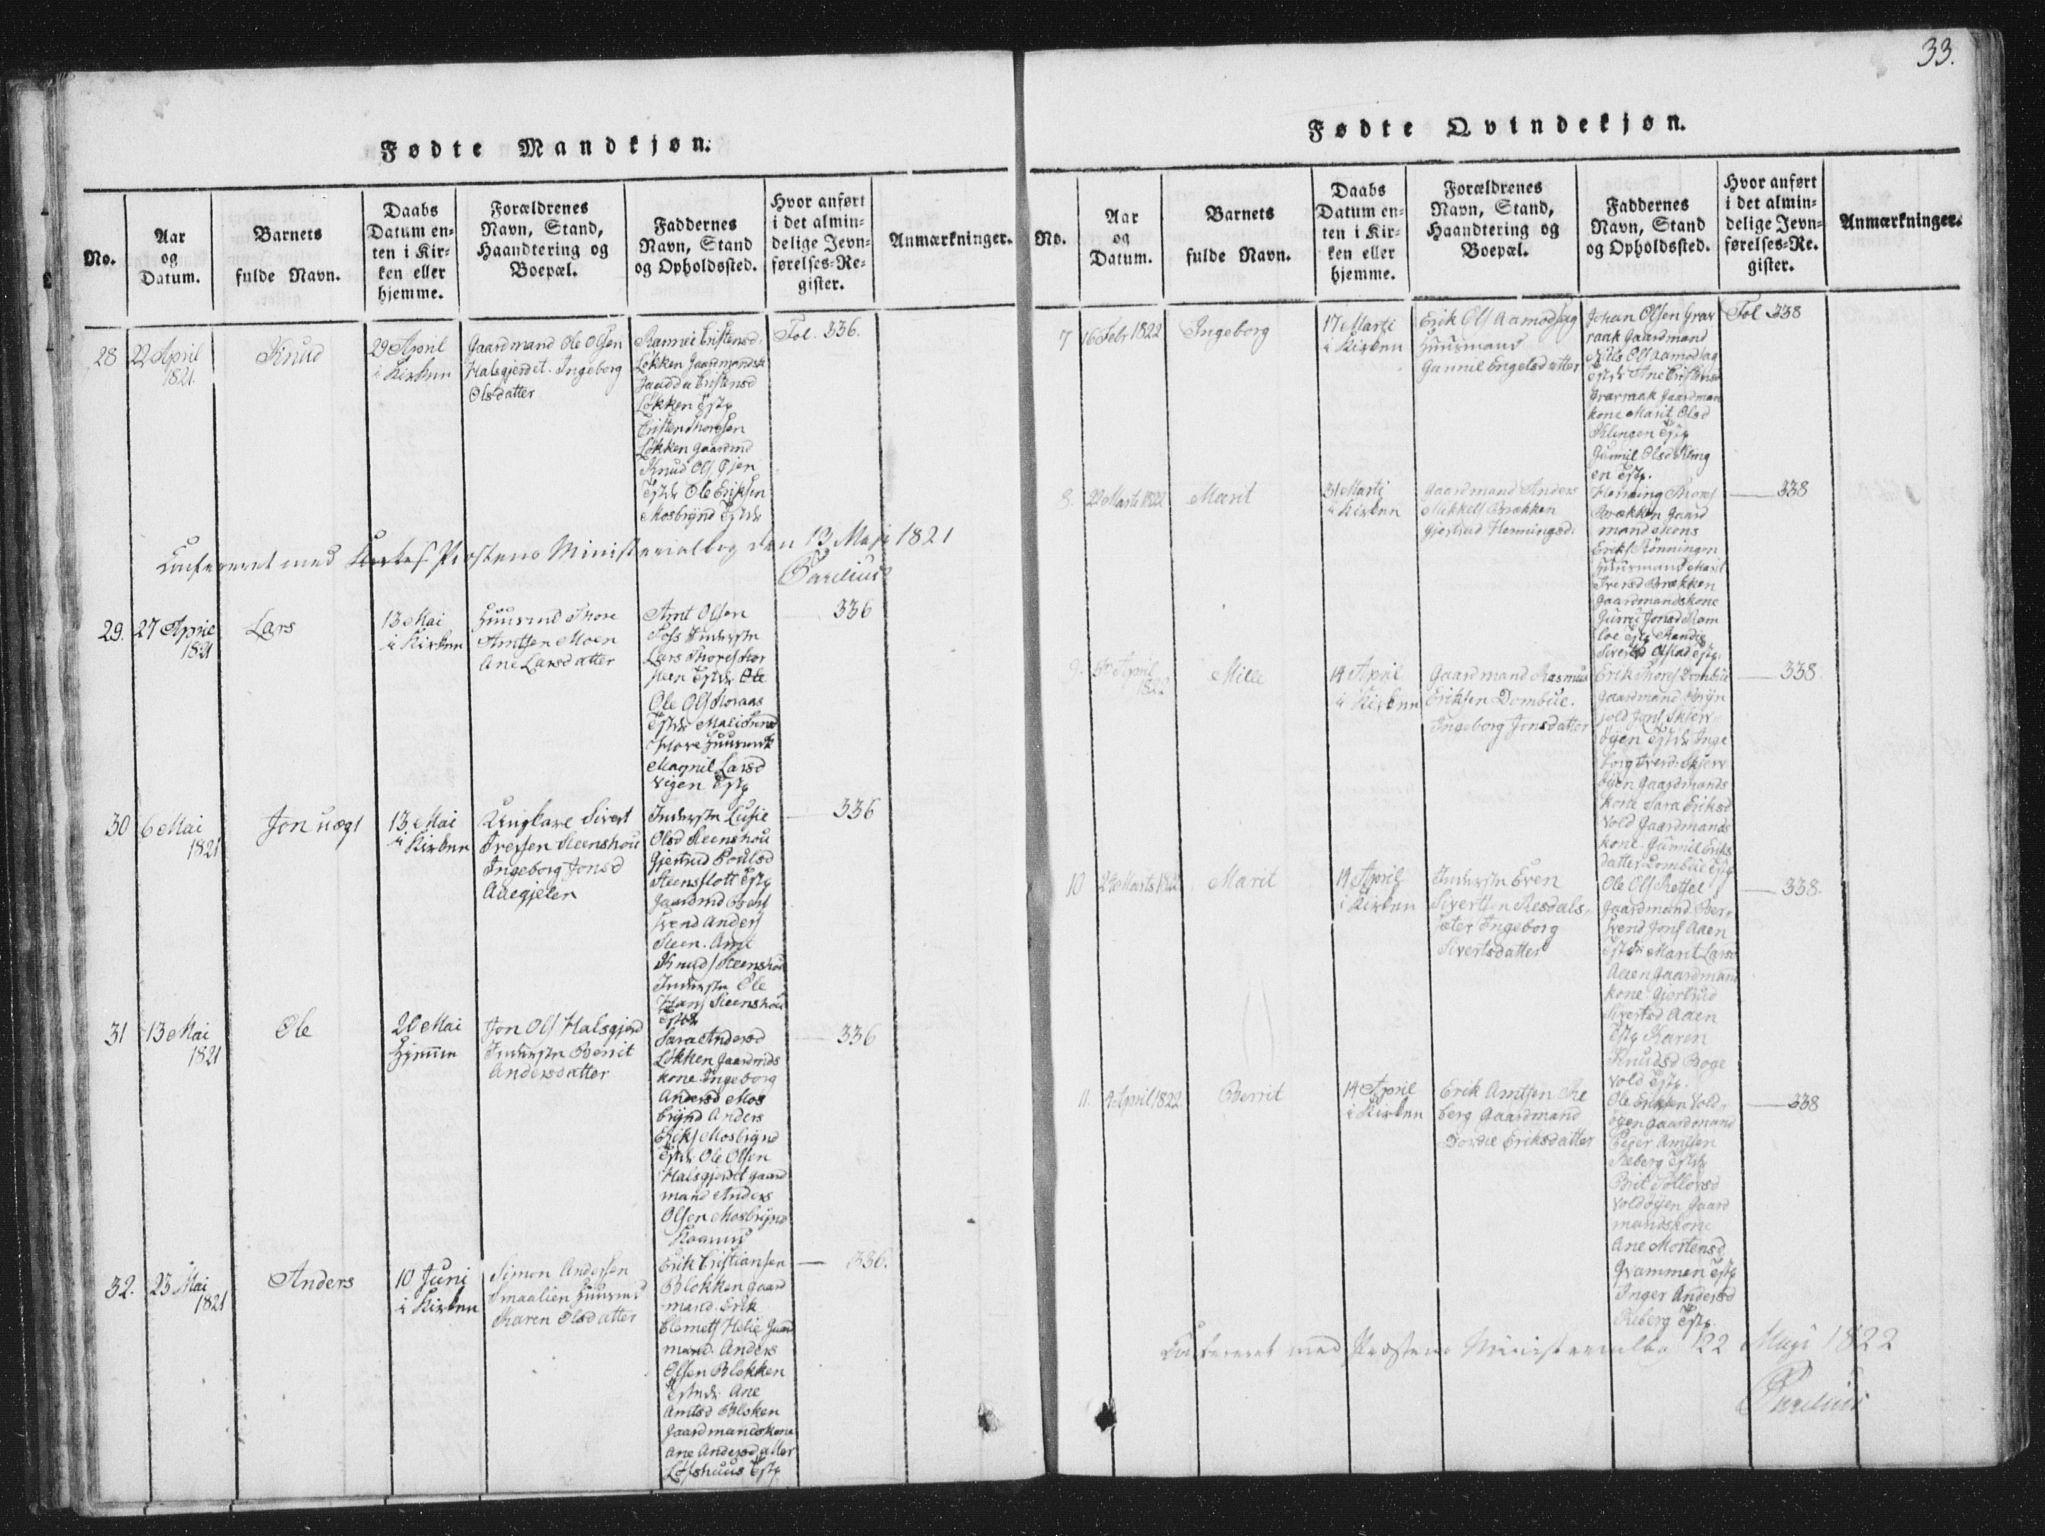 SAT, Ministerialprotokoller, klokkerbøker og fødselsregistre - Sør-Trøndelag, 672/L0862: Klokkerbok nr. 672C01, 1816-1831, s. 33